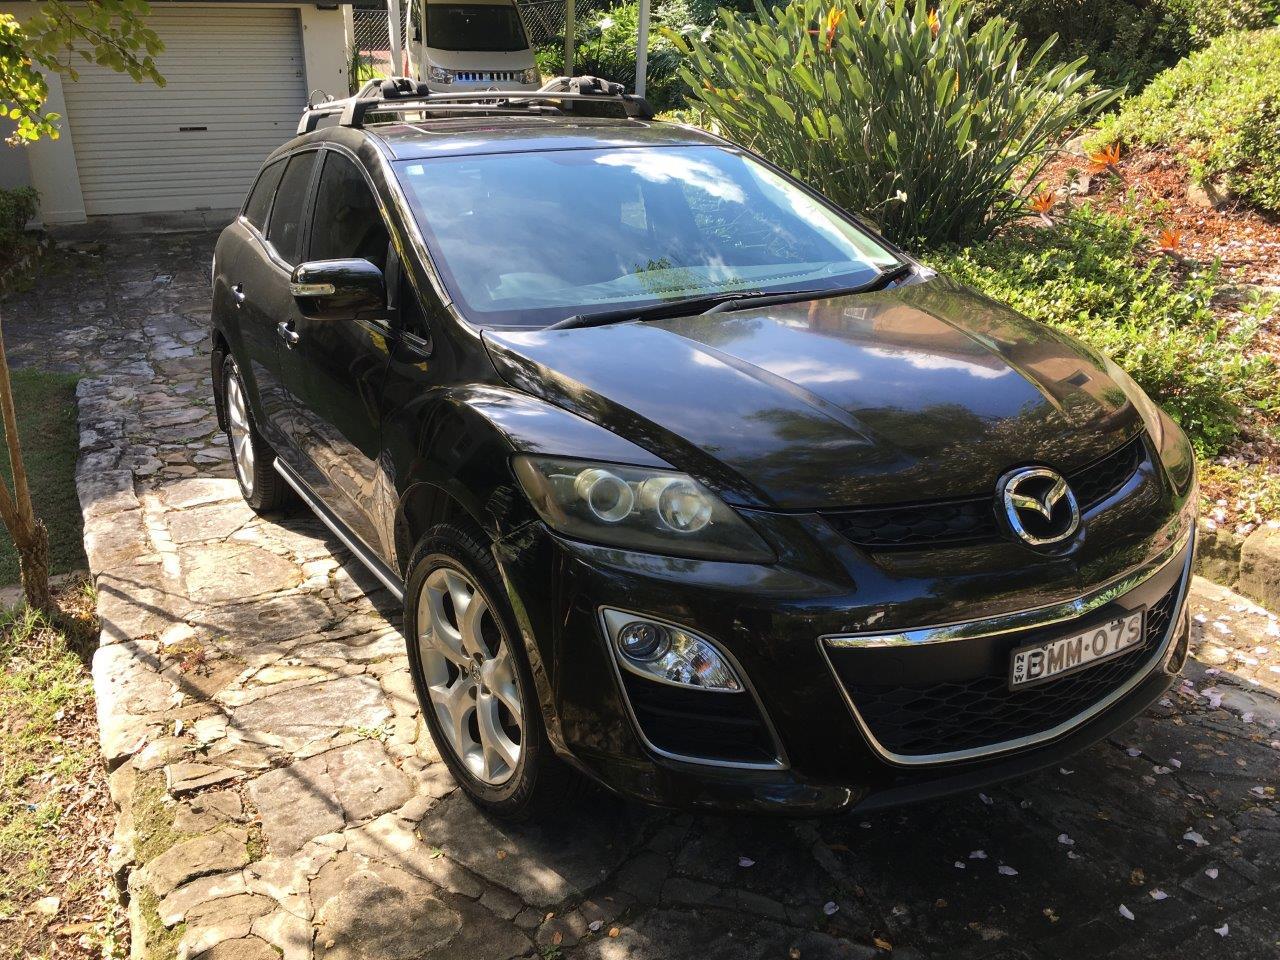 Picture of Daniel's 2009 Mazda cx-7